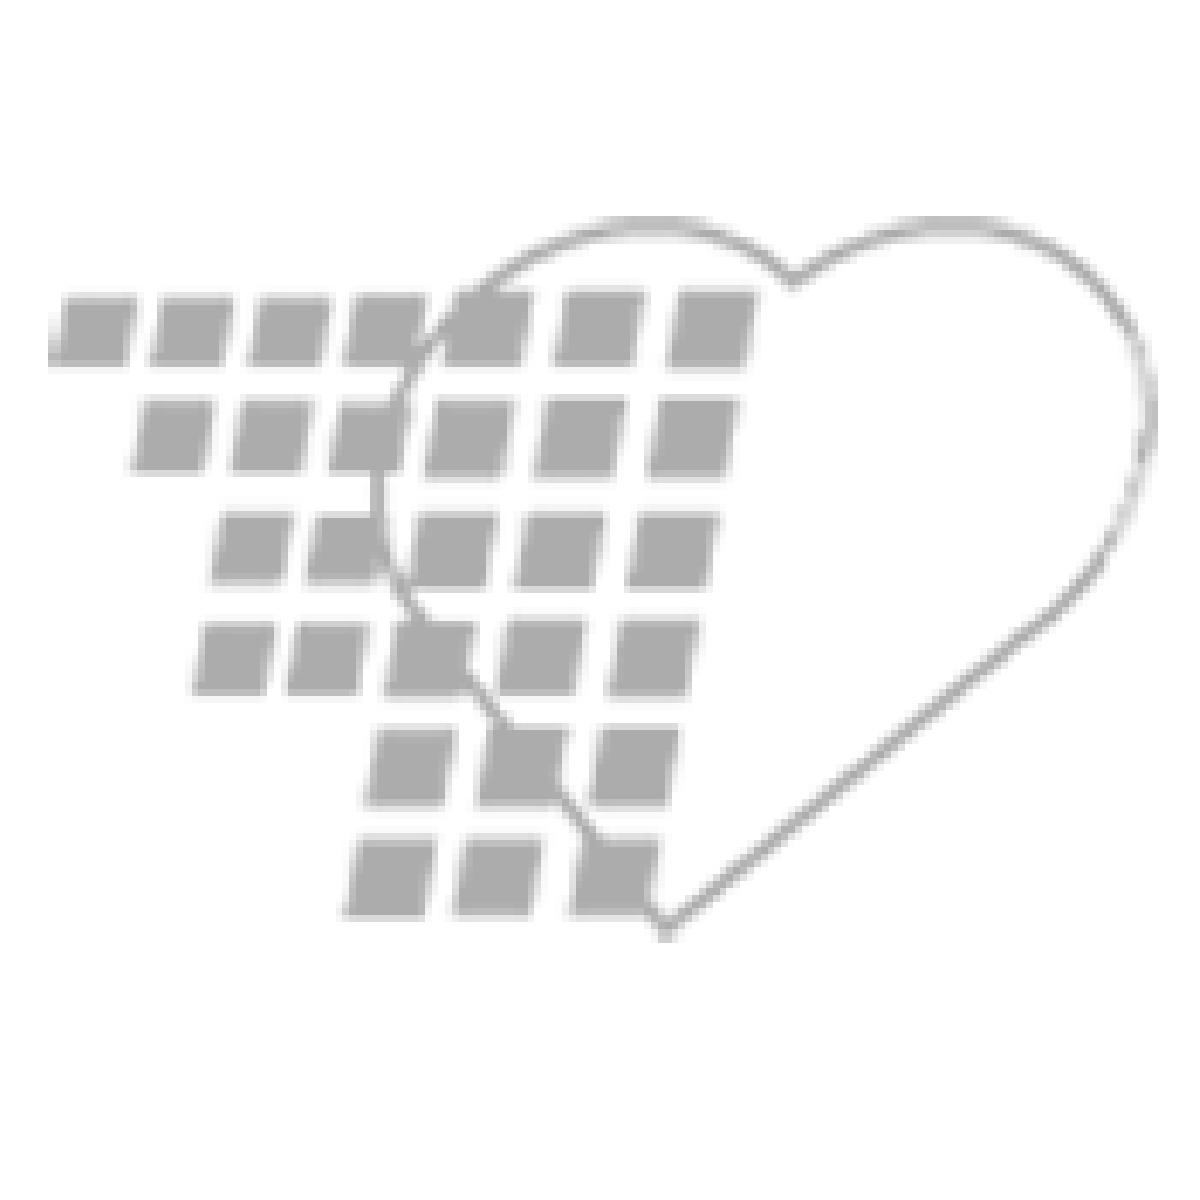 02-43-0280 - ELI 280 ECG C1X